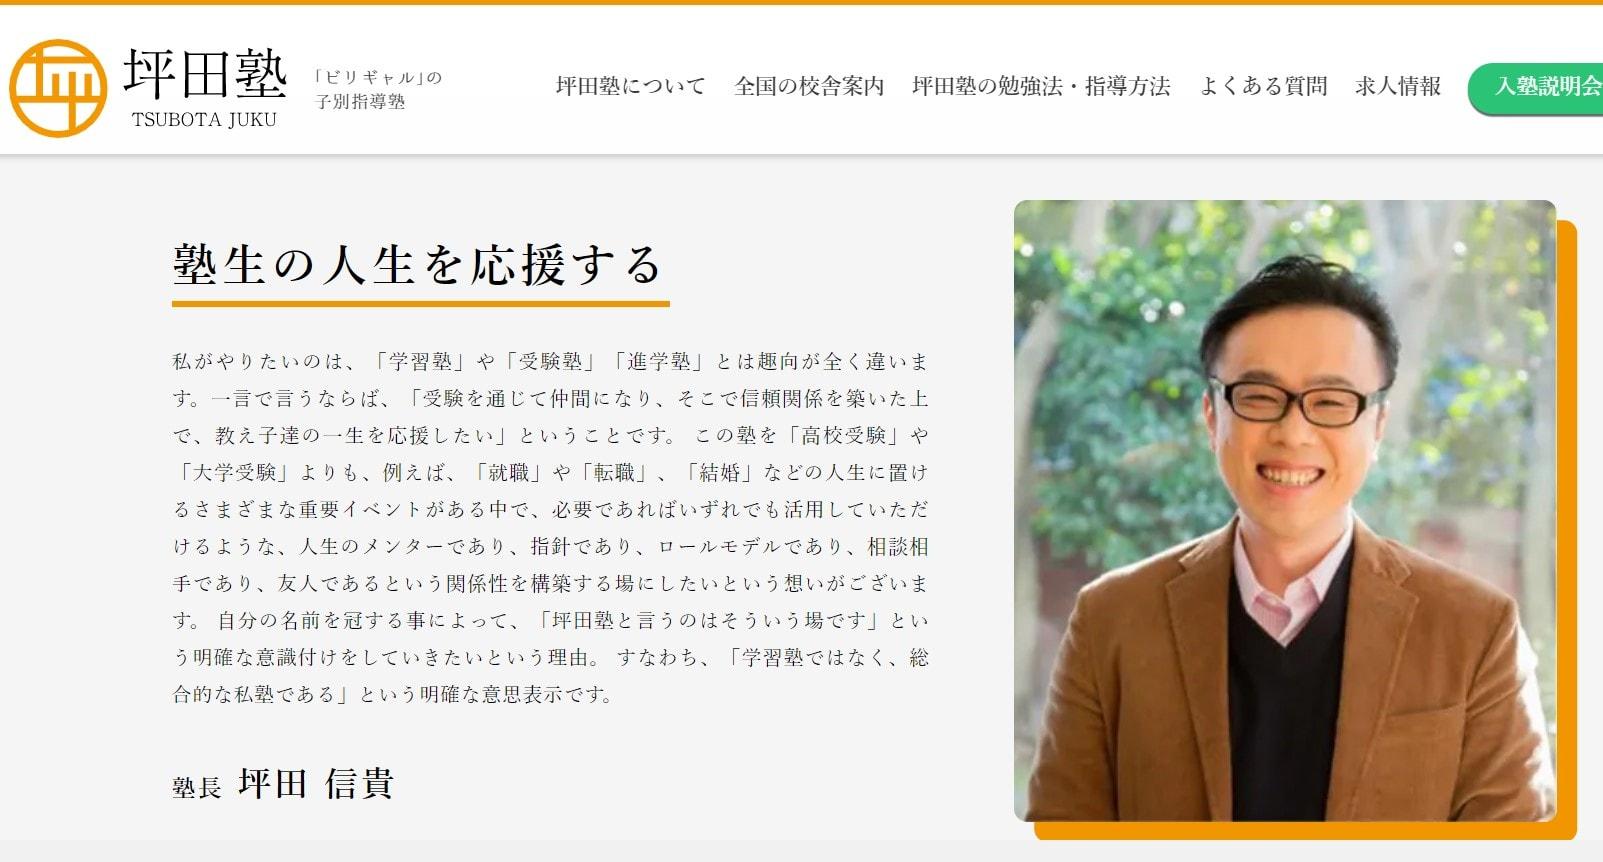 坪田塾の塾長の画像